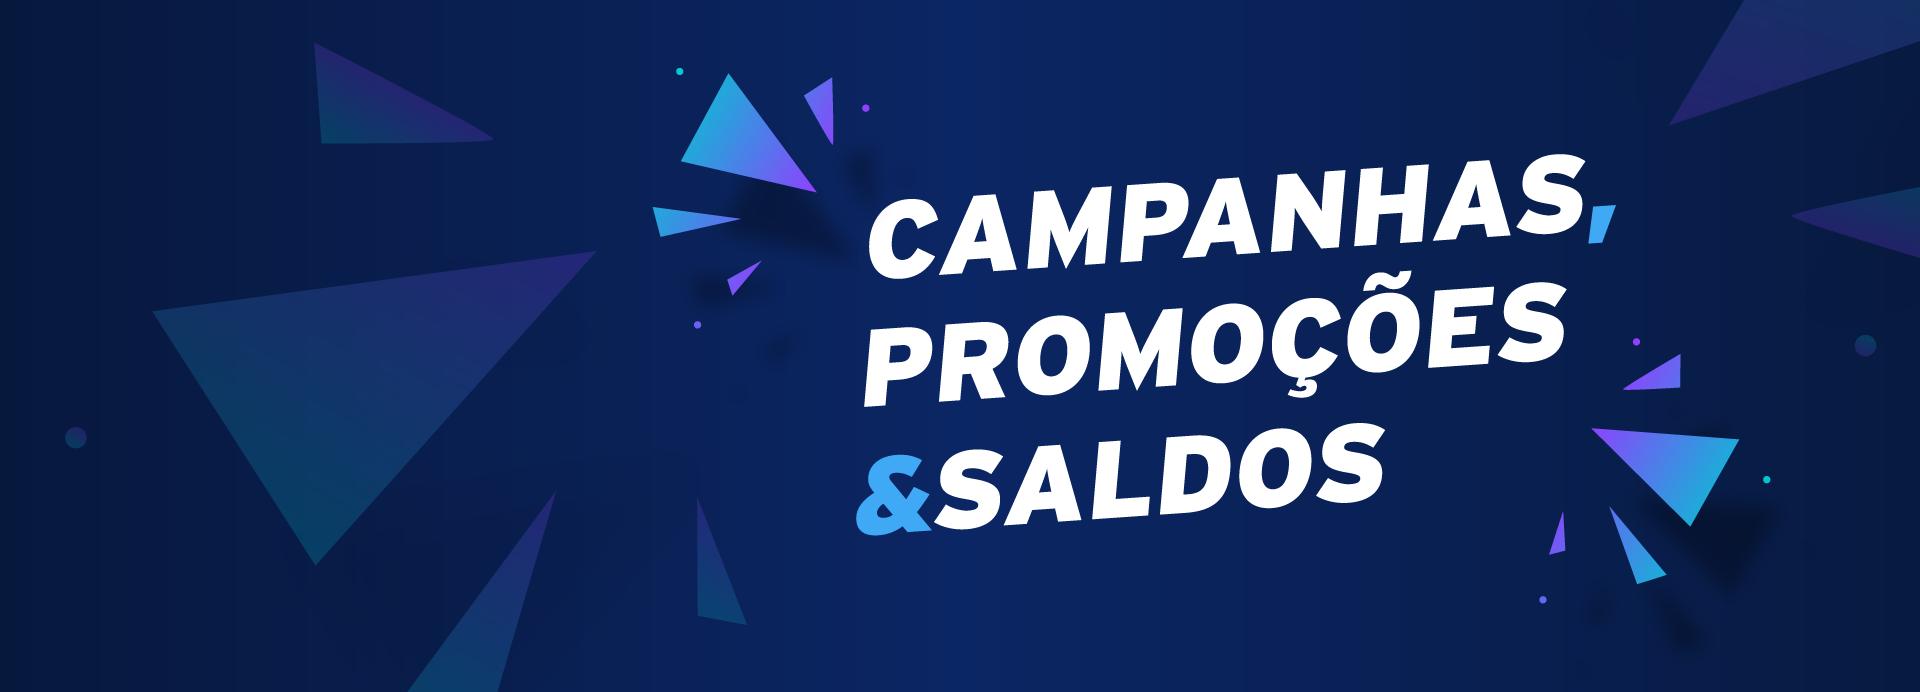 Campanhas, Promoções, Saldos